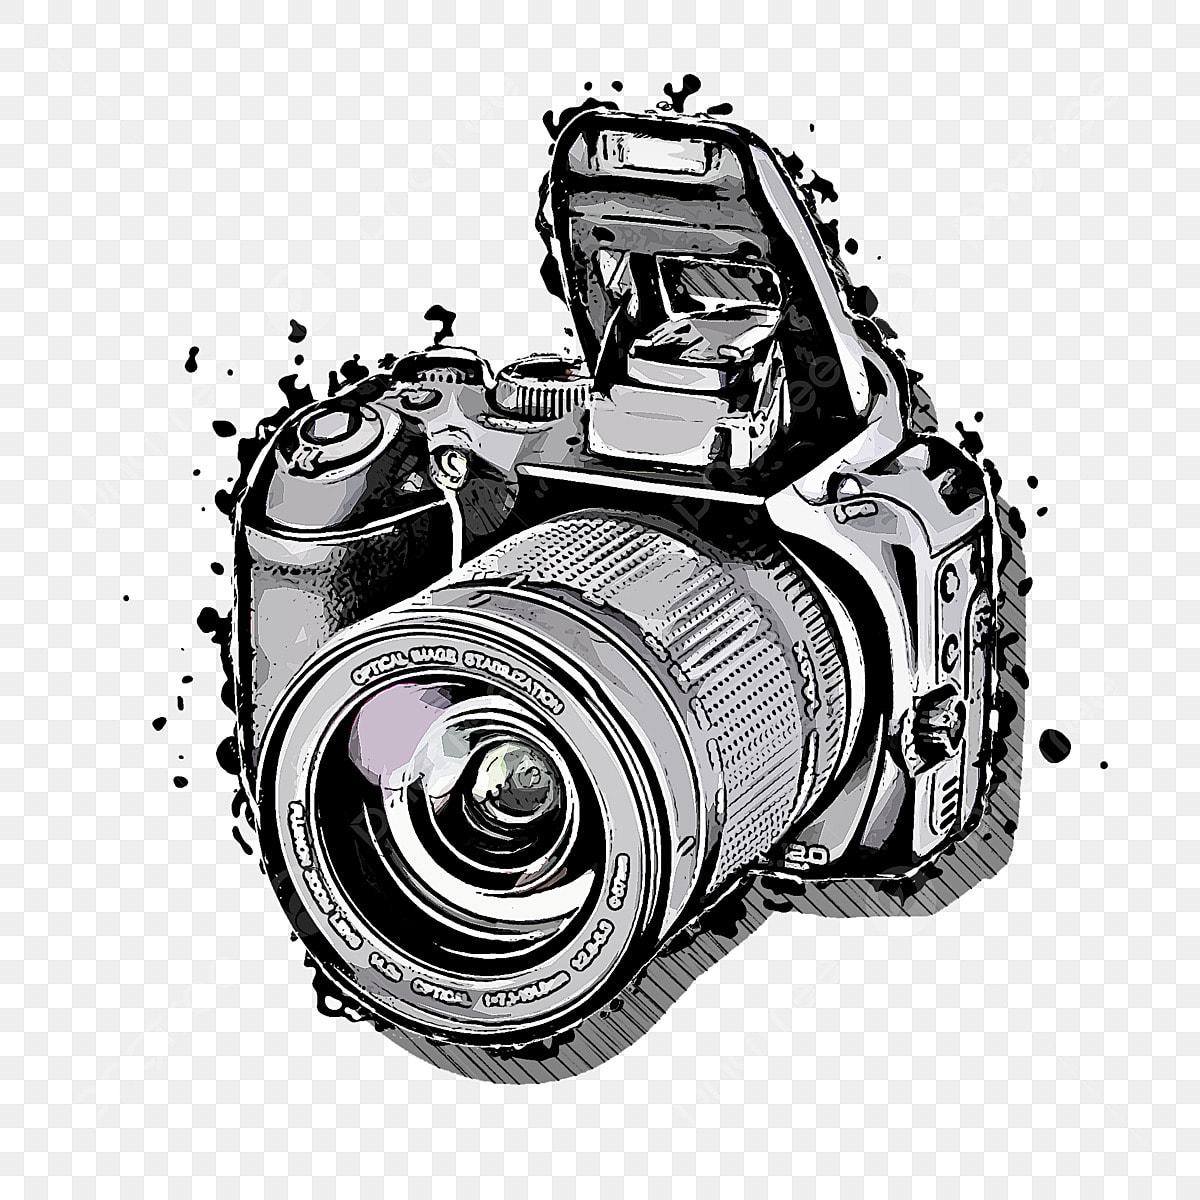 appareil photo appareil photo num u00e9rique la technologie  u00c9lectronique blanc appareil technologie